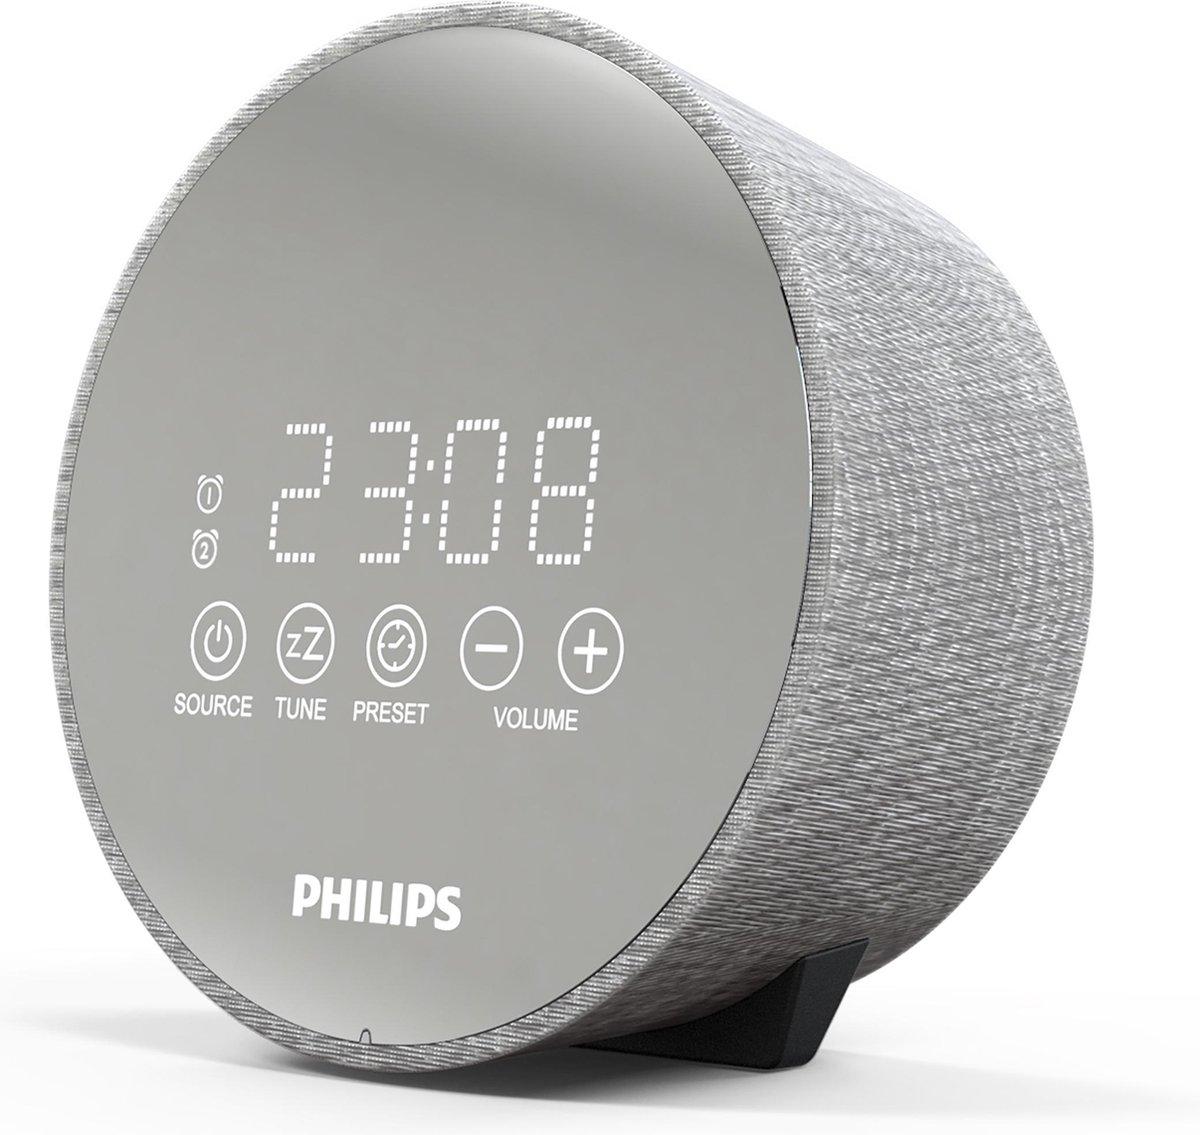 Philips TADR402/12 - Wekkerradio - Zilver/Grijs